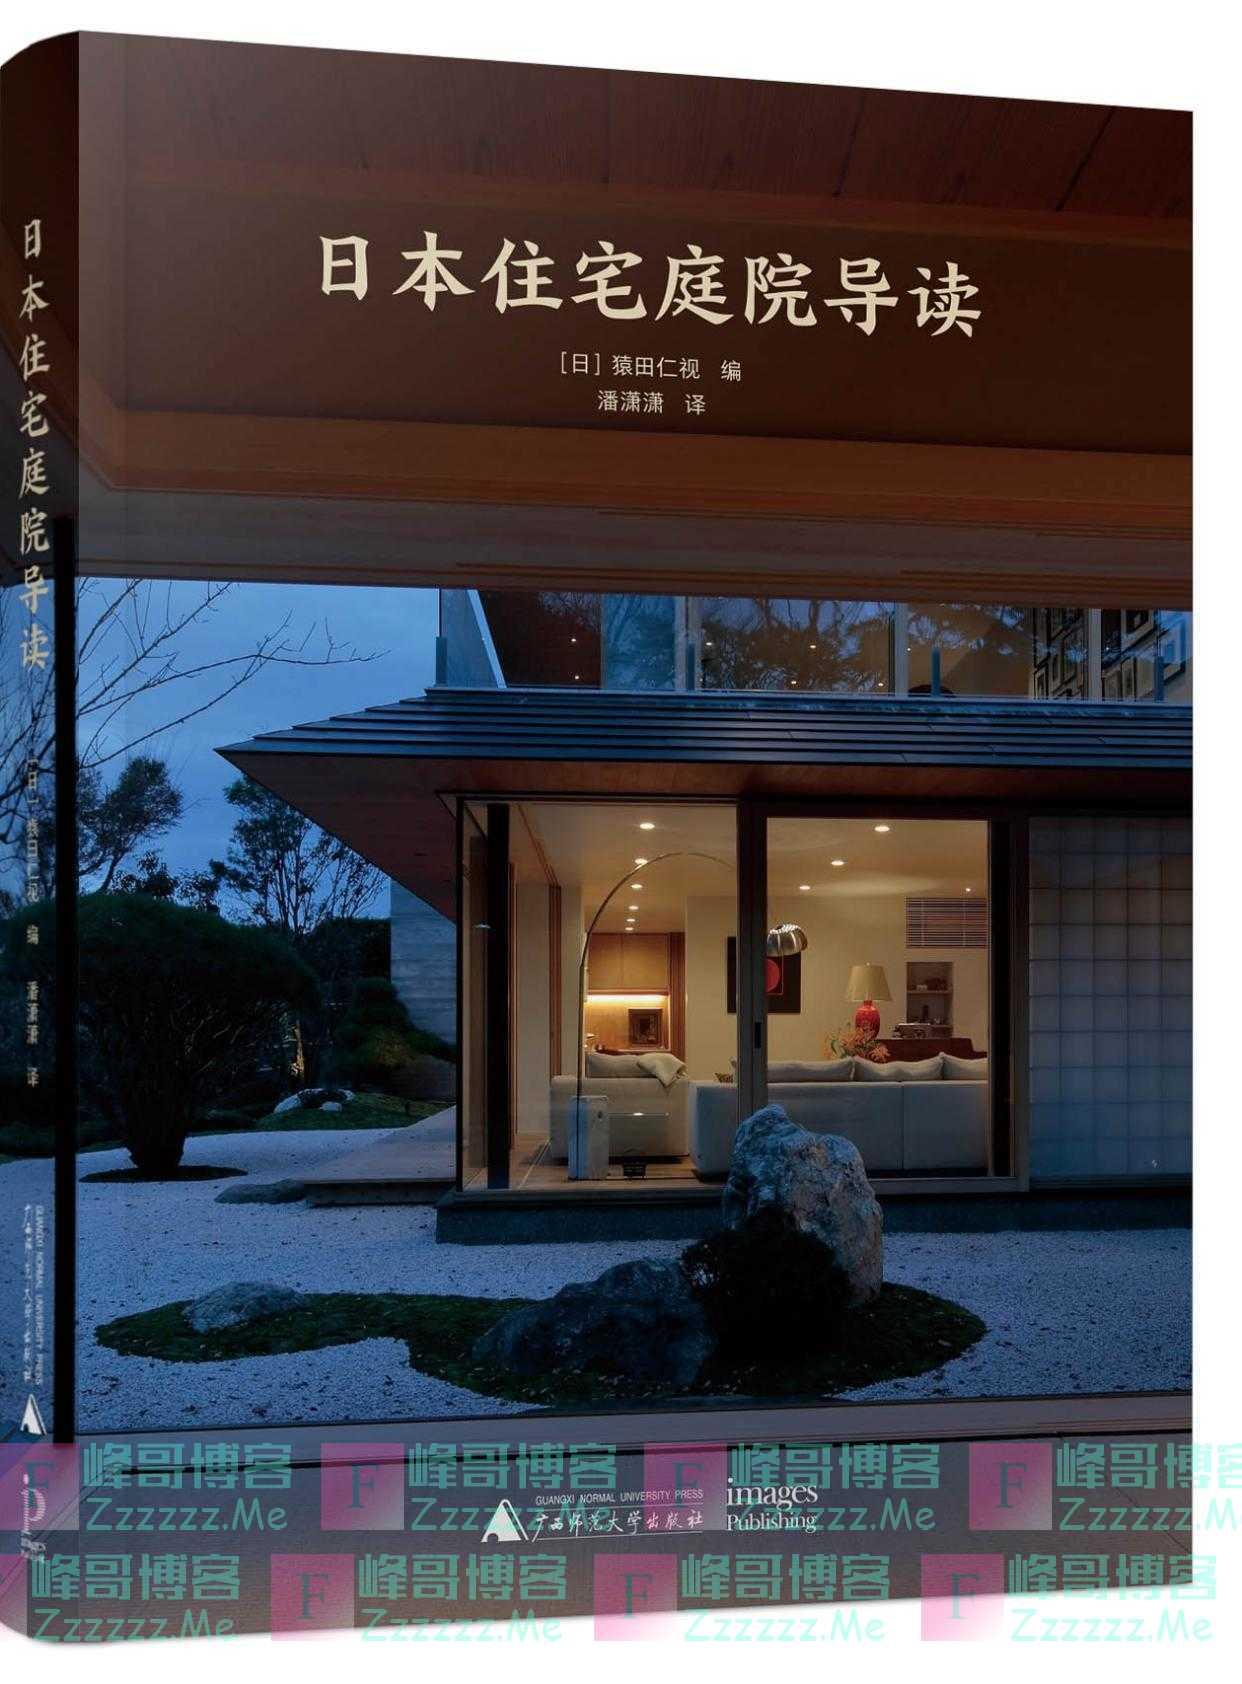 《日本住宅庭院导读》带你感受住宅与庭院的和谐之美